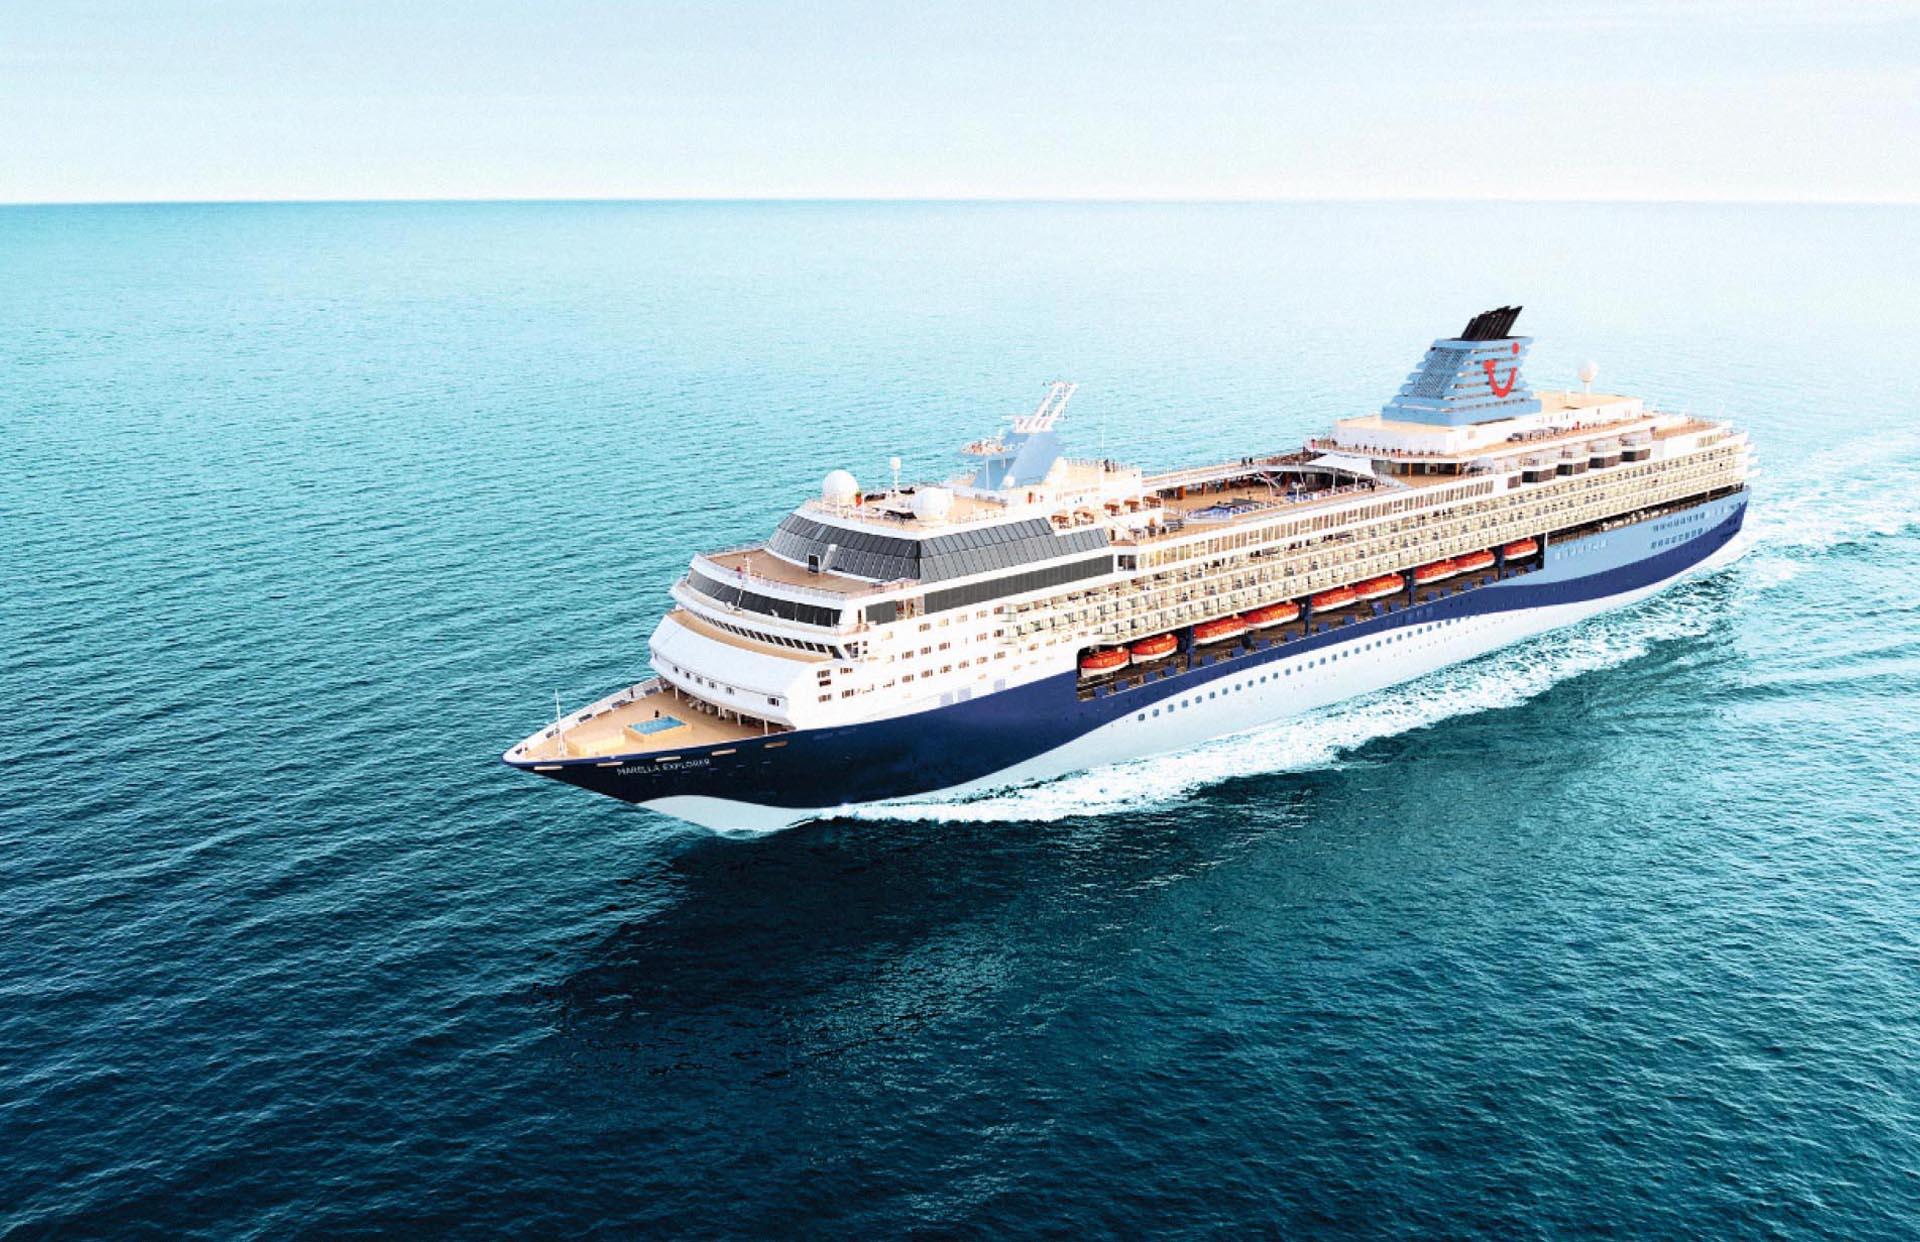 Tui_Marella-cruiseship-luxury-spa-design-Butterscotch-Spa-designers